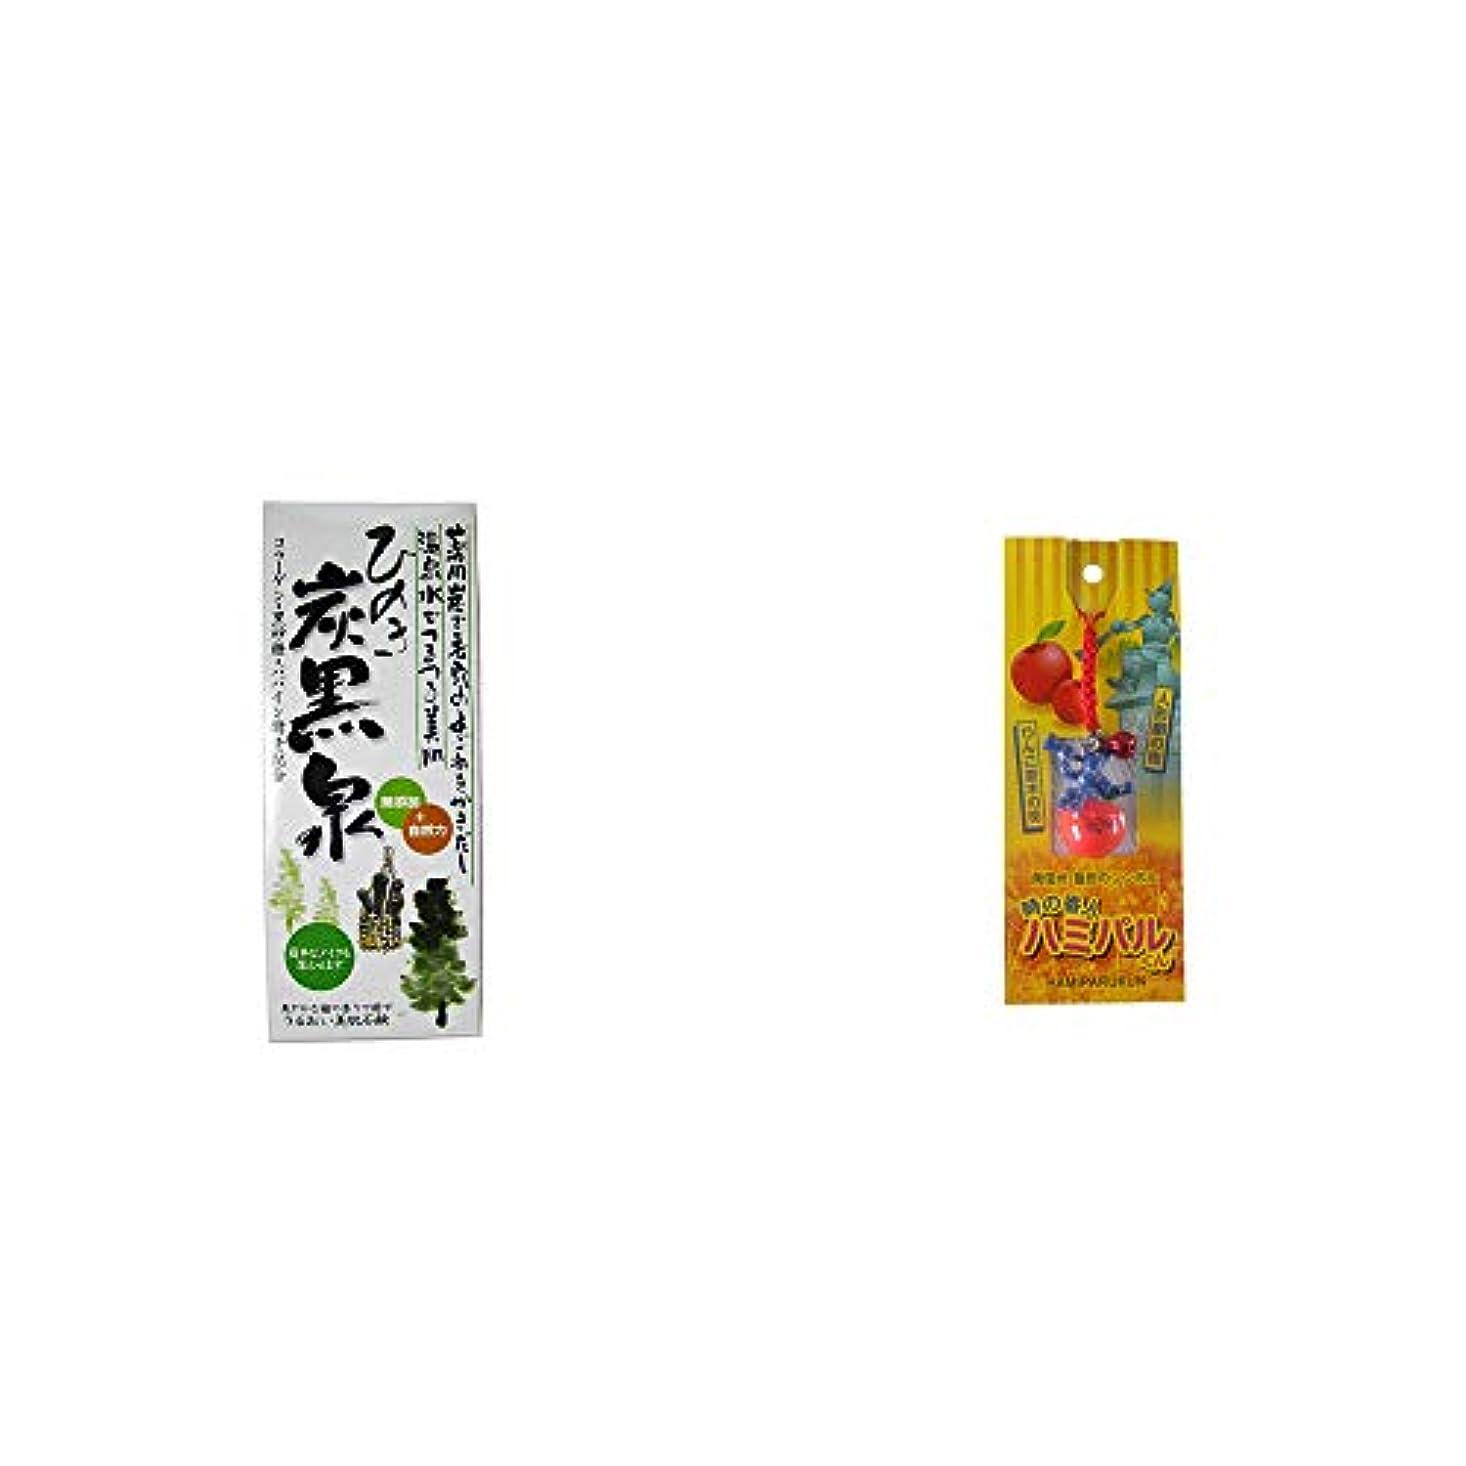 天皇花火病者[2点セット] ひのき炭黒泉 箱入り(75g×3)?信州?飯田のシンボル 時の番人ハミパルくんストラップ